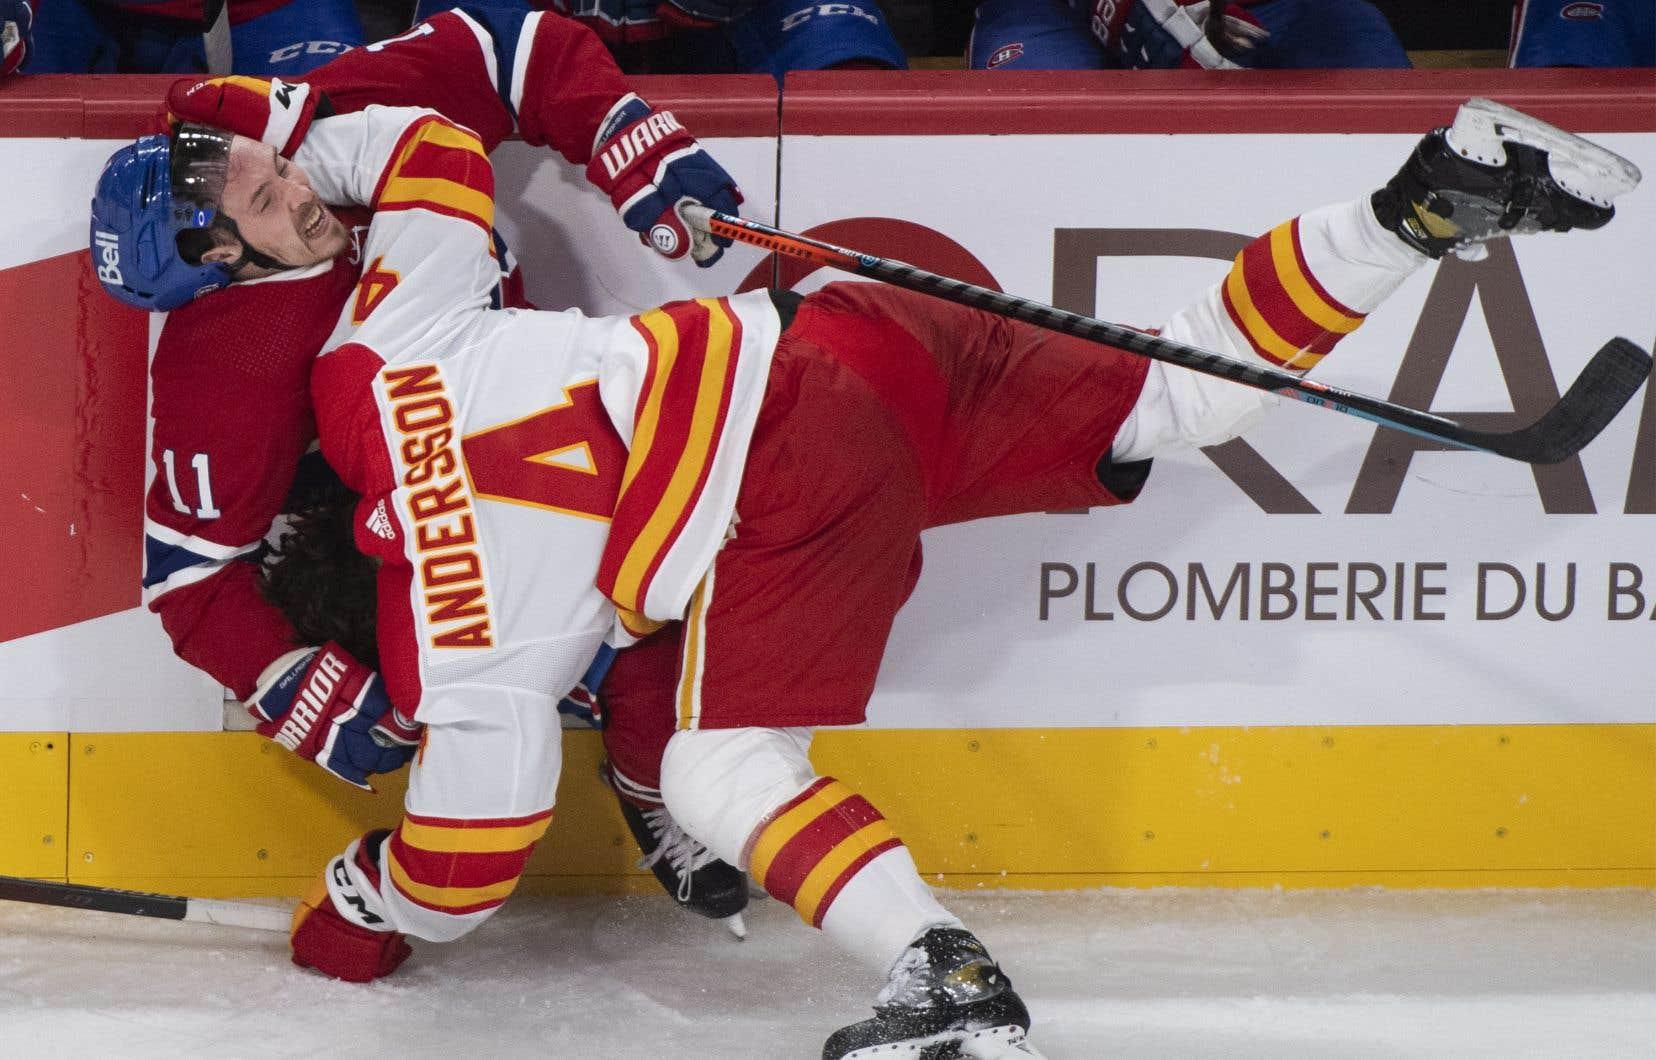 Brendan Gallagher (à gauche) est entré en collision avec le défenseur des Flames de Calgary Rasmus Andersson lors du match opposant les deux équipes canadiennes samedi soir, au Centre Bell.